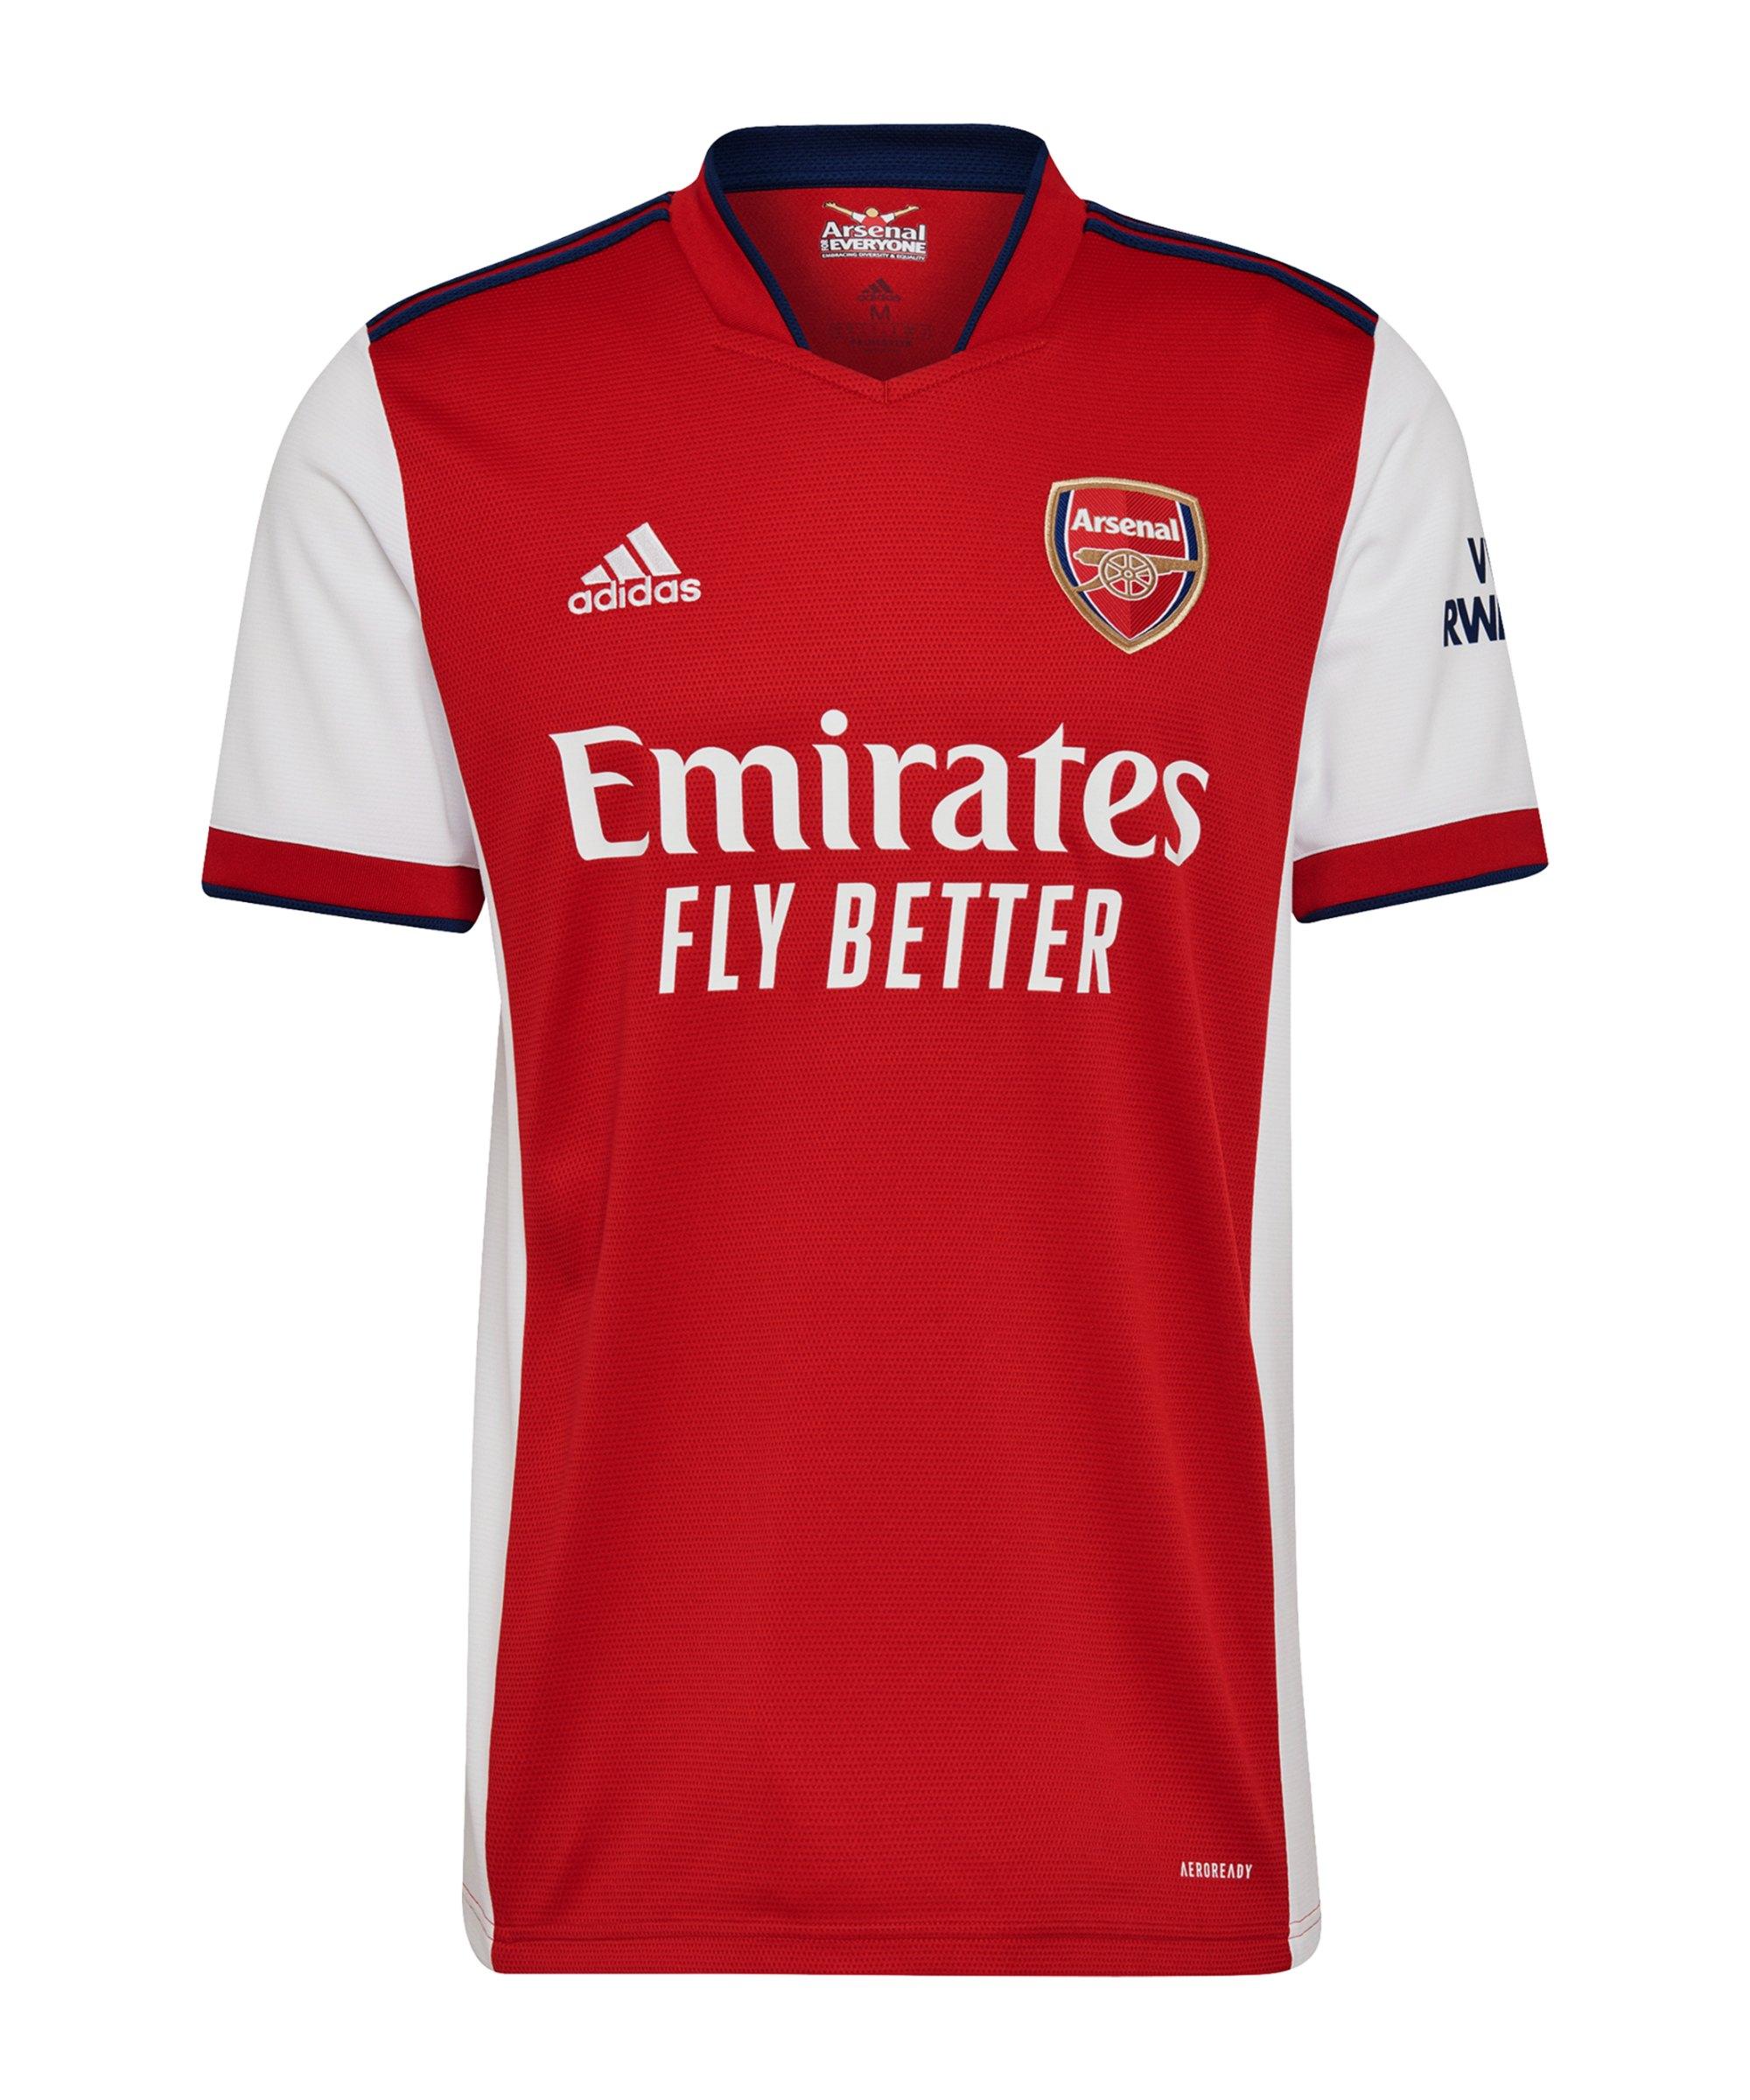 adidas FC Arsenal London Trikot Home 2021/2022 Rot Weiss - weiss